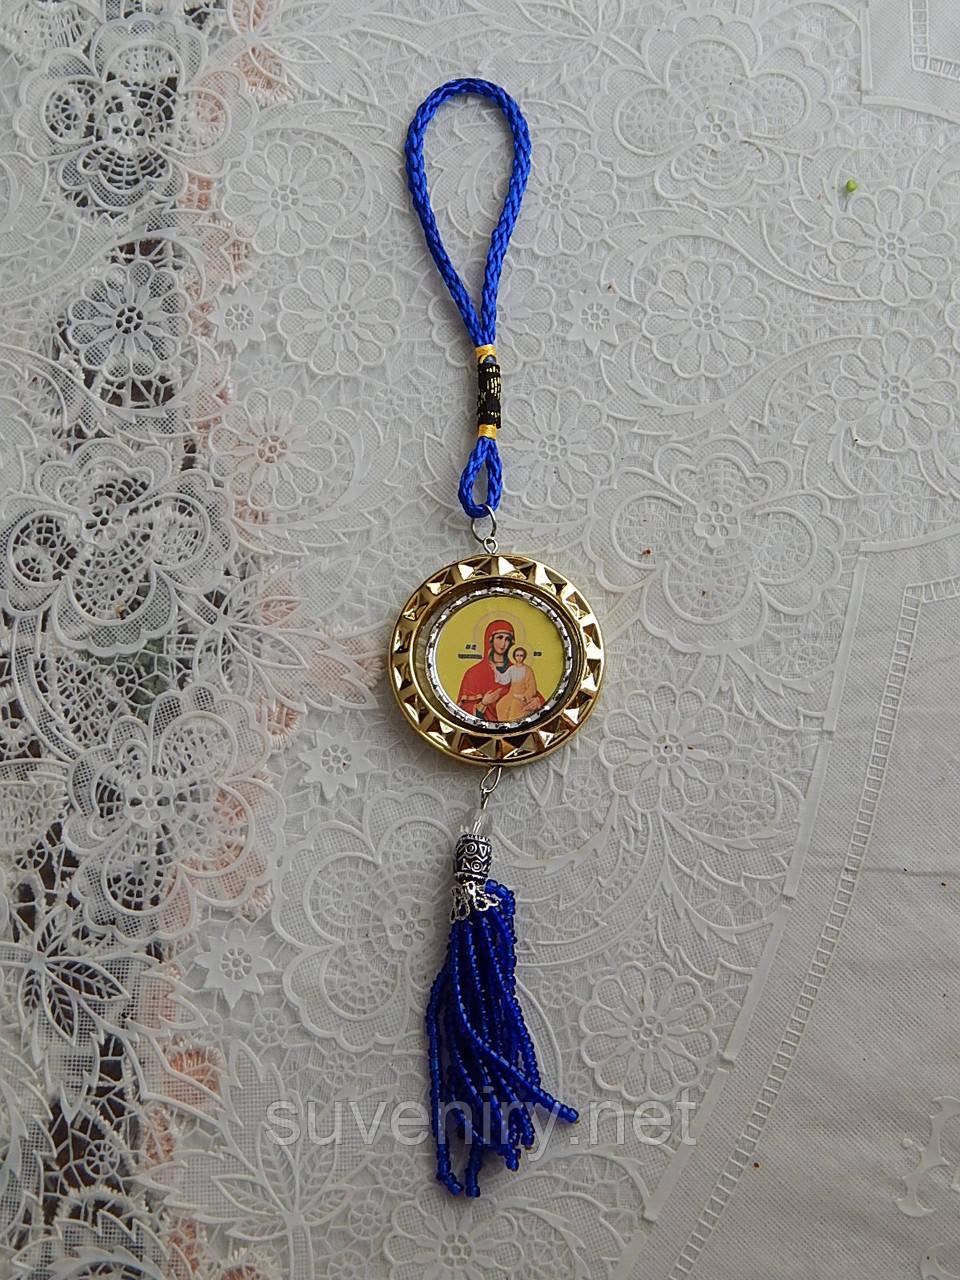 Автомобильная подвеска с иконкой православная